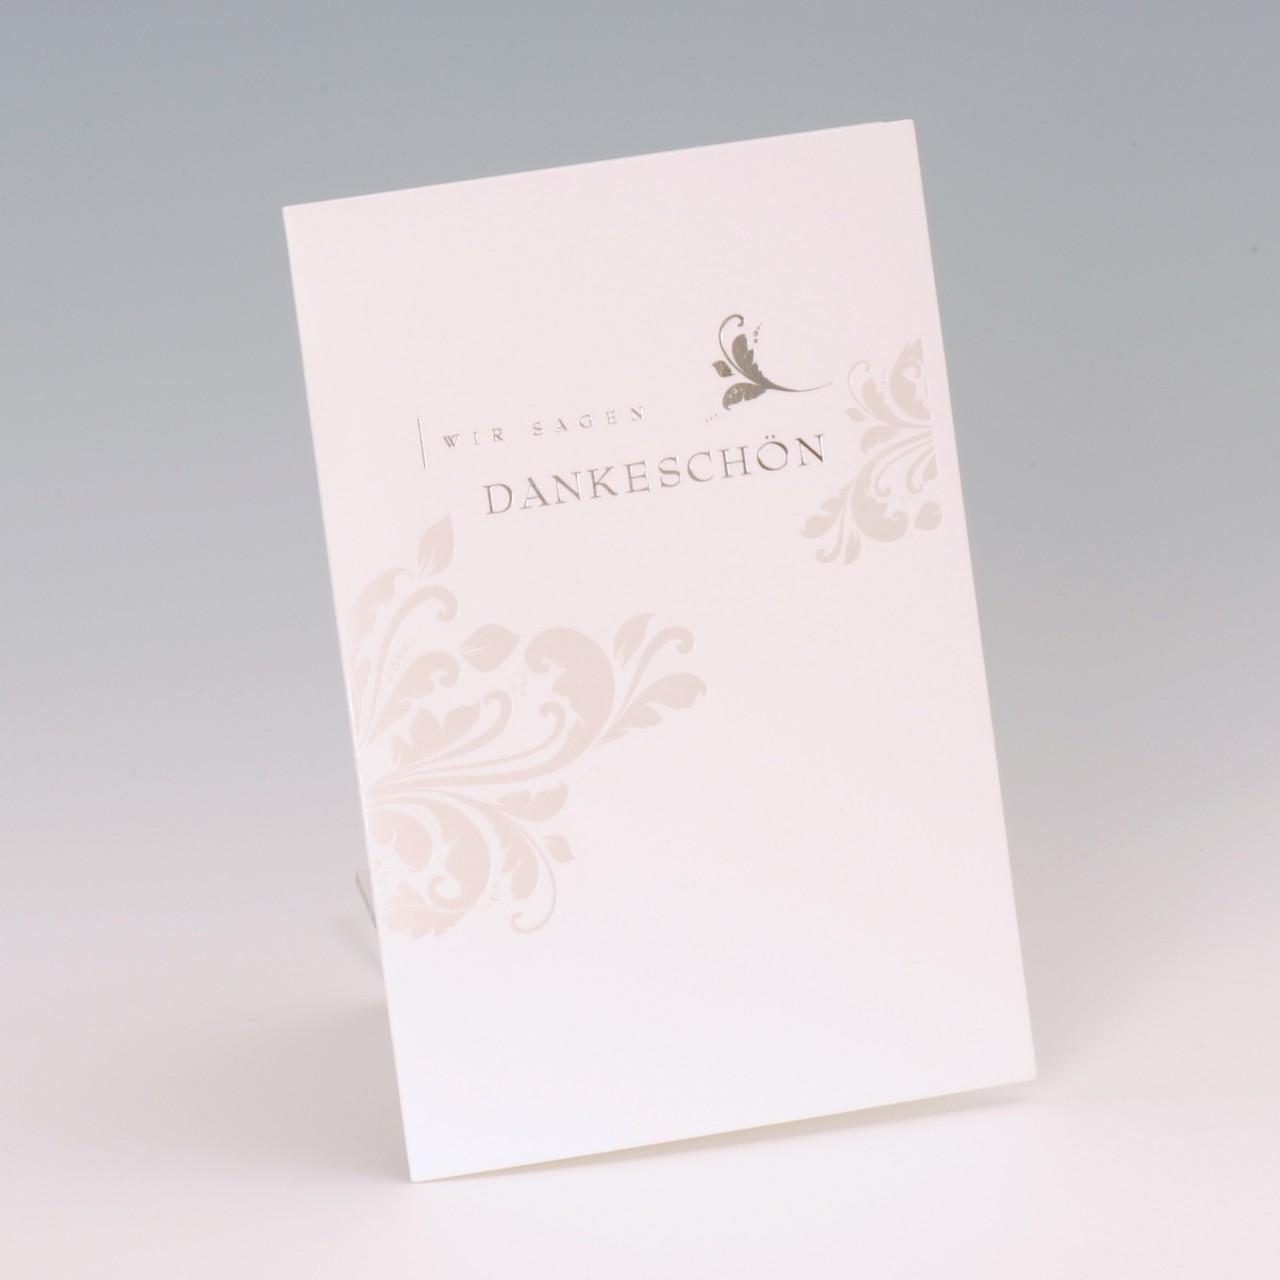 Die Dankkarte grau wirkt sehr zurückhaltend und bedankt sich auf stilvolle Art für die gelungene Hochzeitsfeier. Jetzt online hier bei uns bestellen.